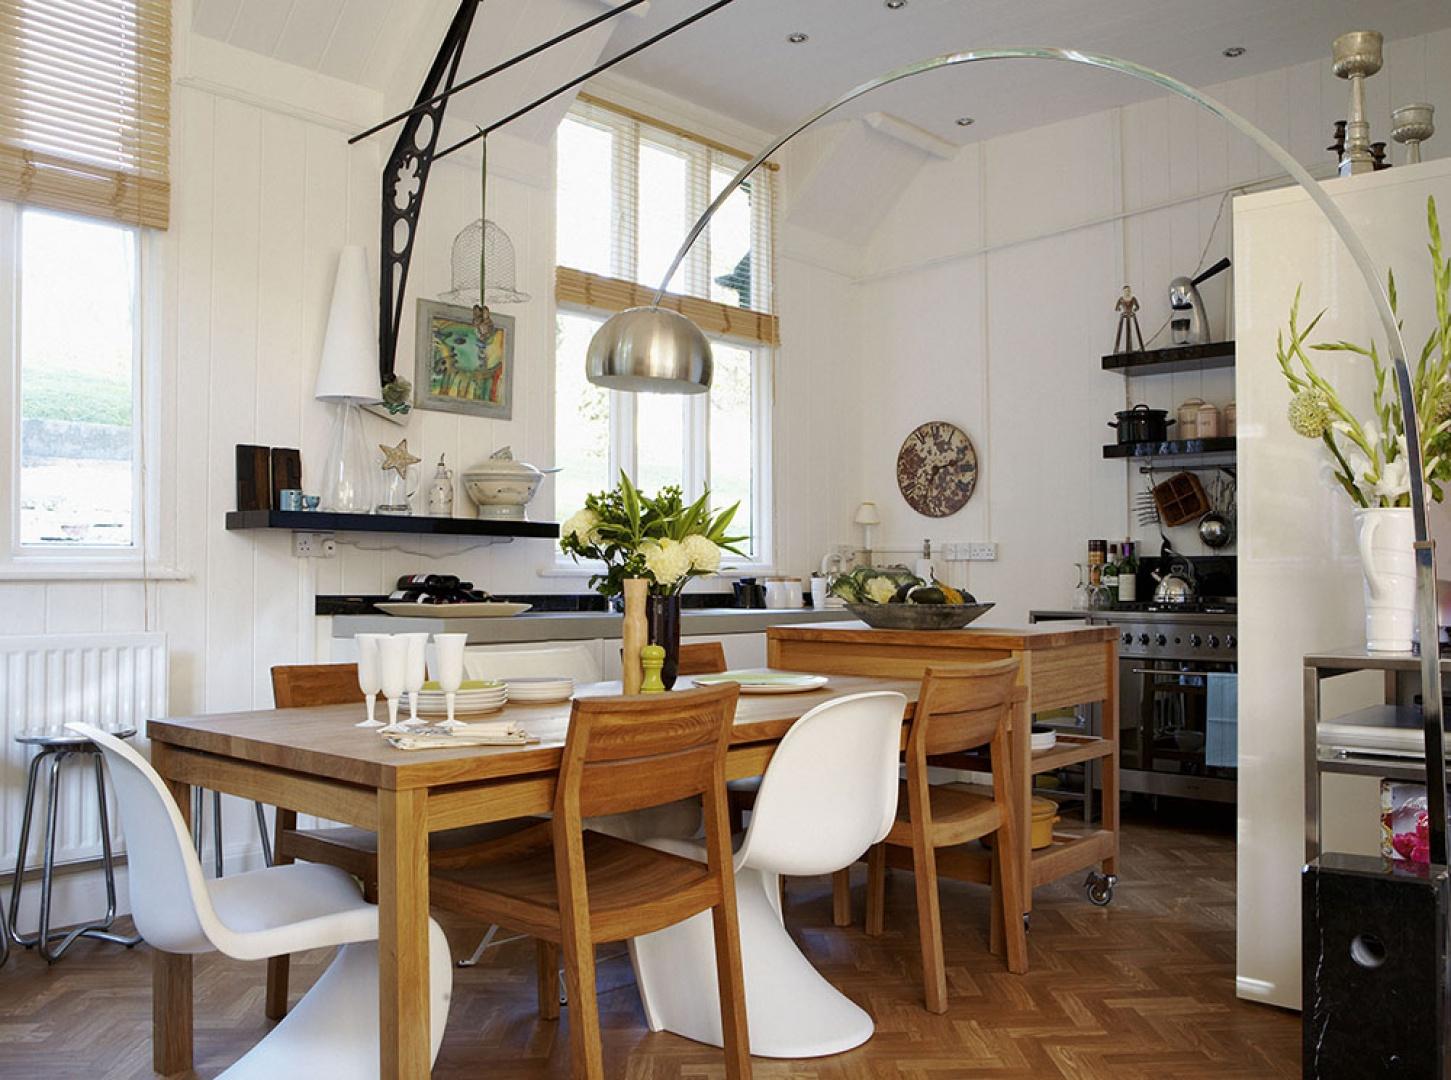 Jadalnia urządzona została w prostym naturalnym stylu. Uwagę zwracają ponadczasowe krzesła proj. Vernera Pantona i słusznych rozmiarów podłogowa lampa. Fot. Brent Darby/Narratives.